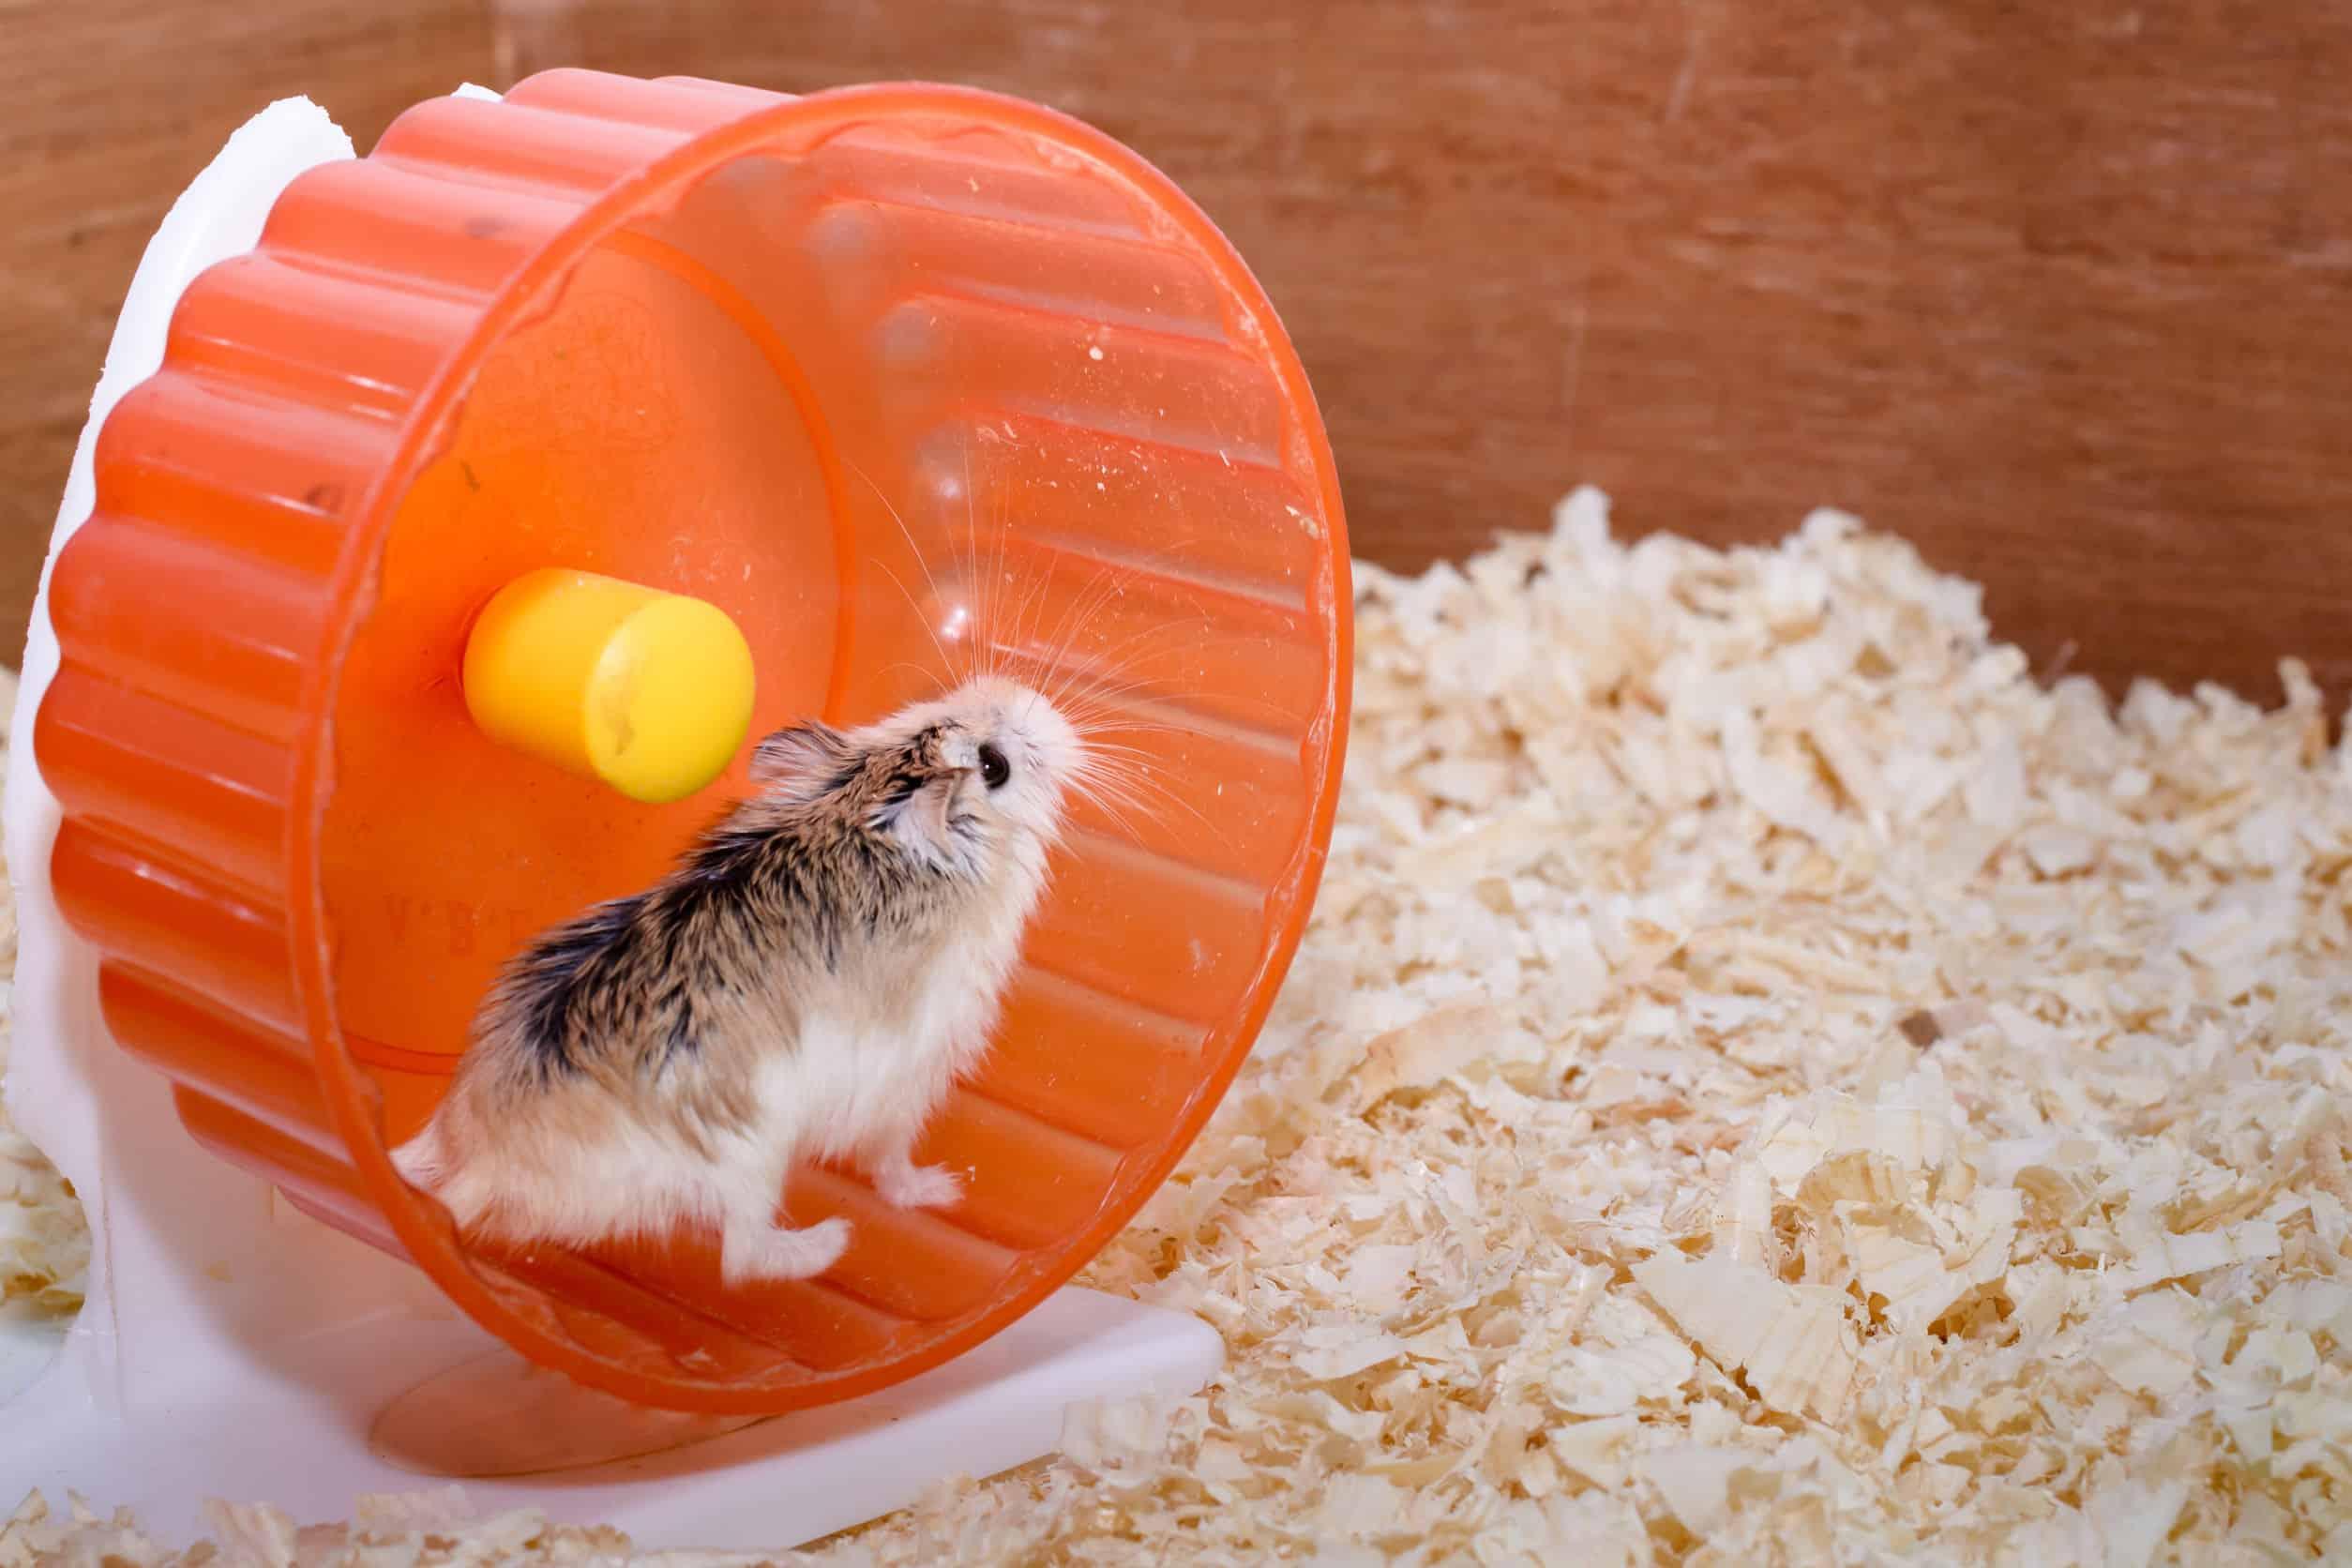 Hamsterkäfig: Test & Empfehlungen (05/21)